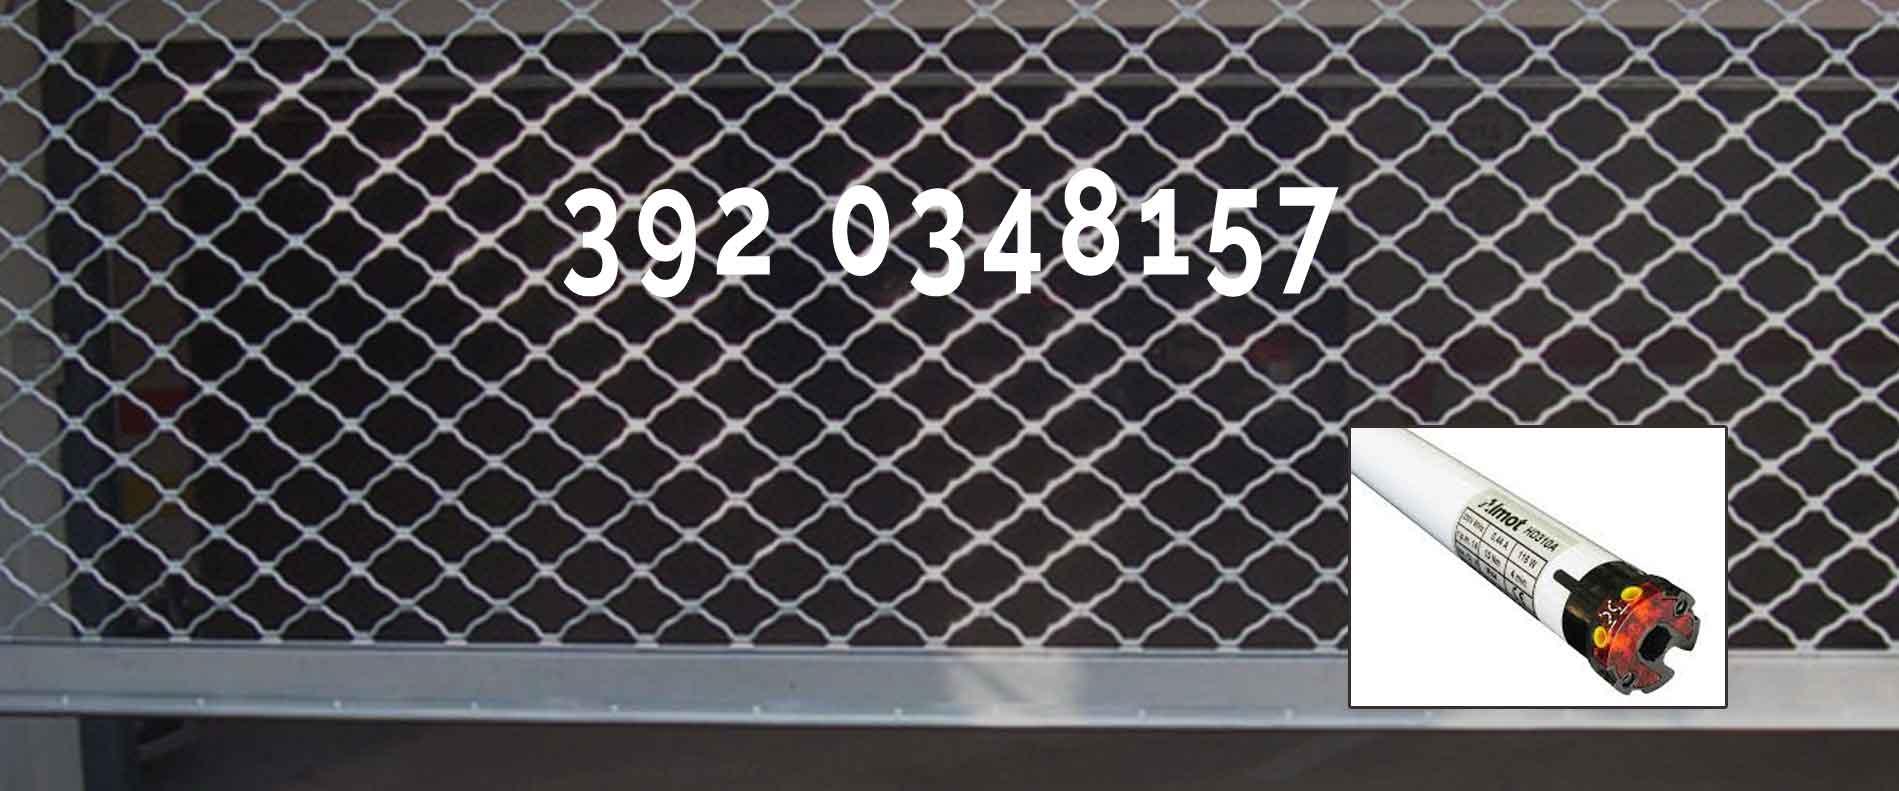 Assistenza e montaggio serrande per box auto esterni Roma